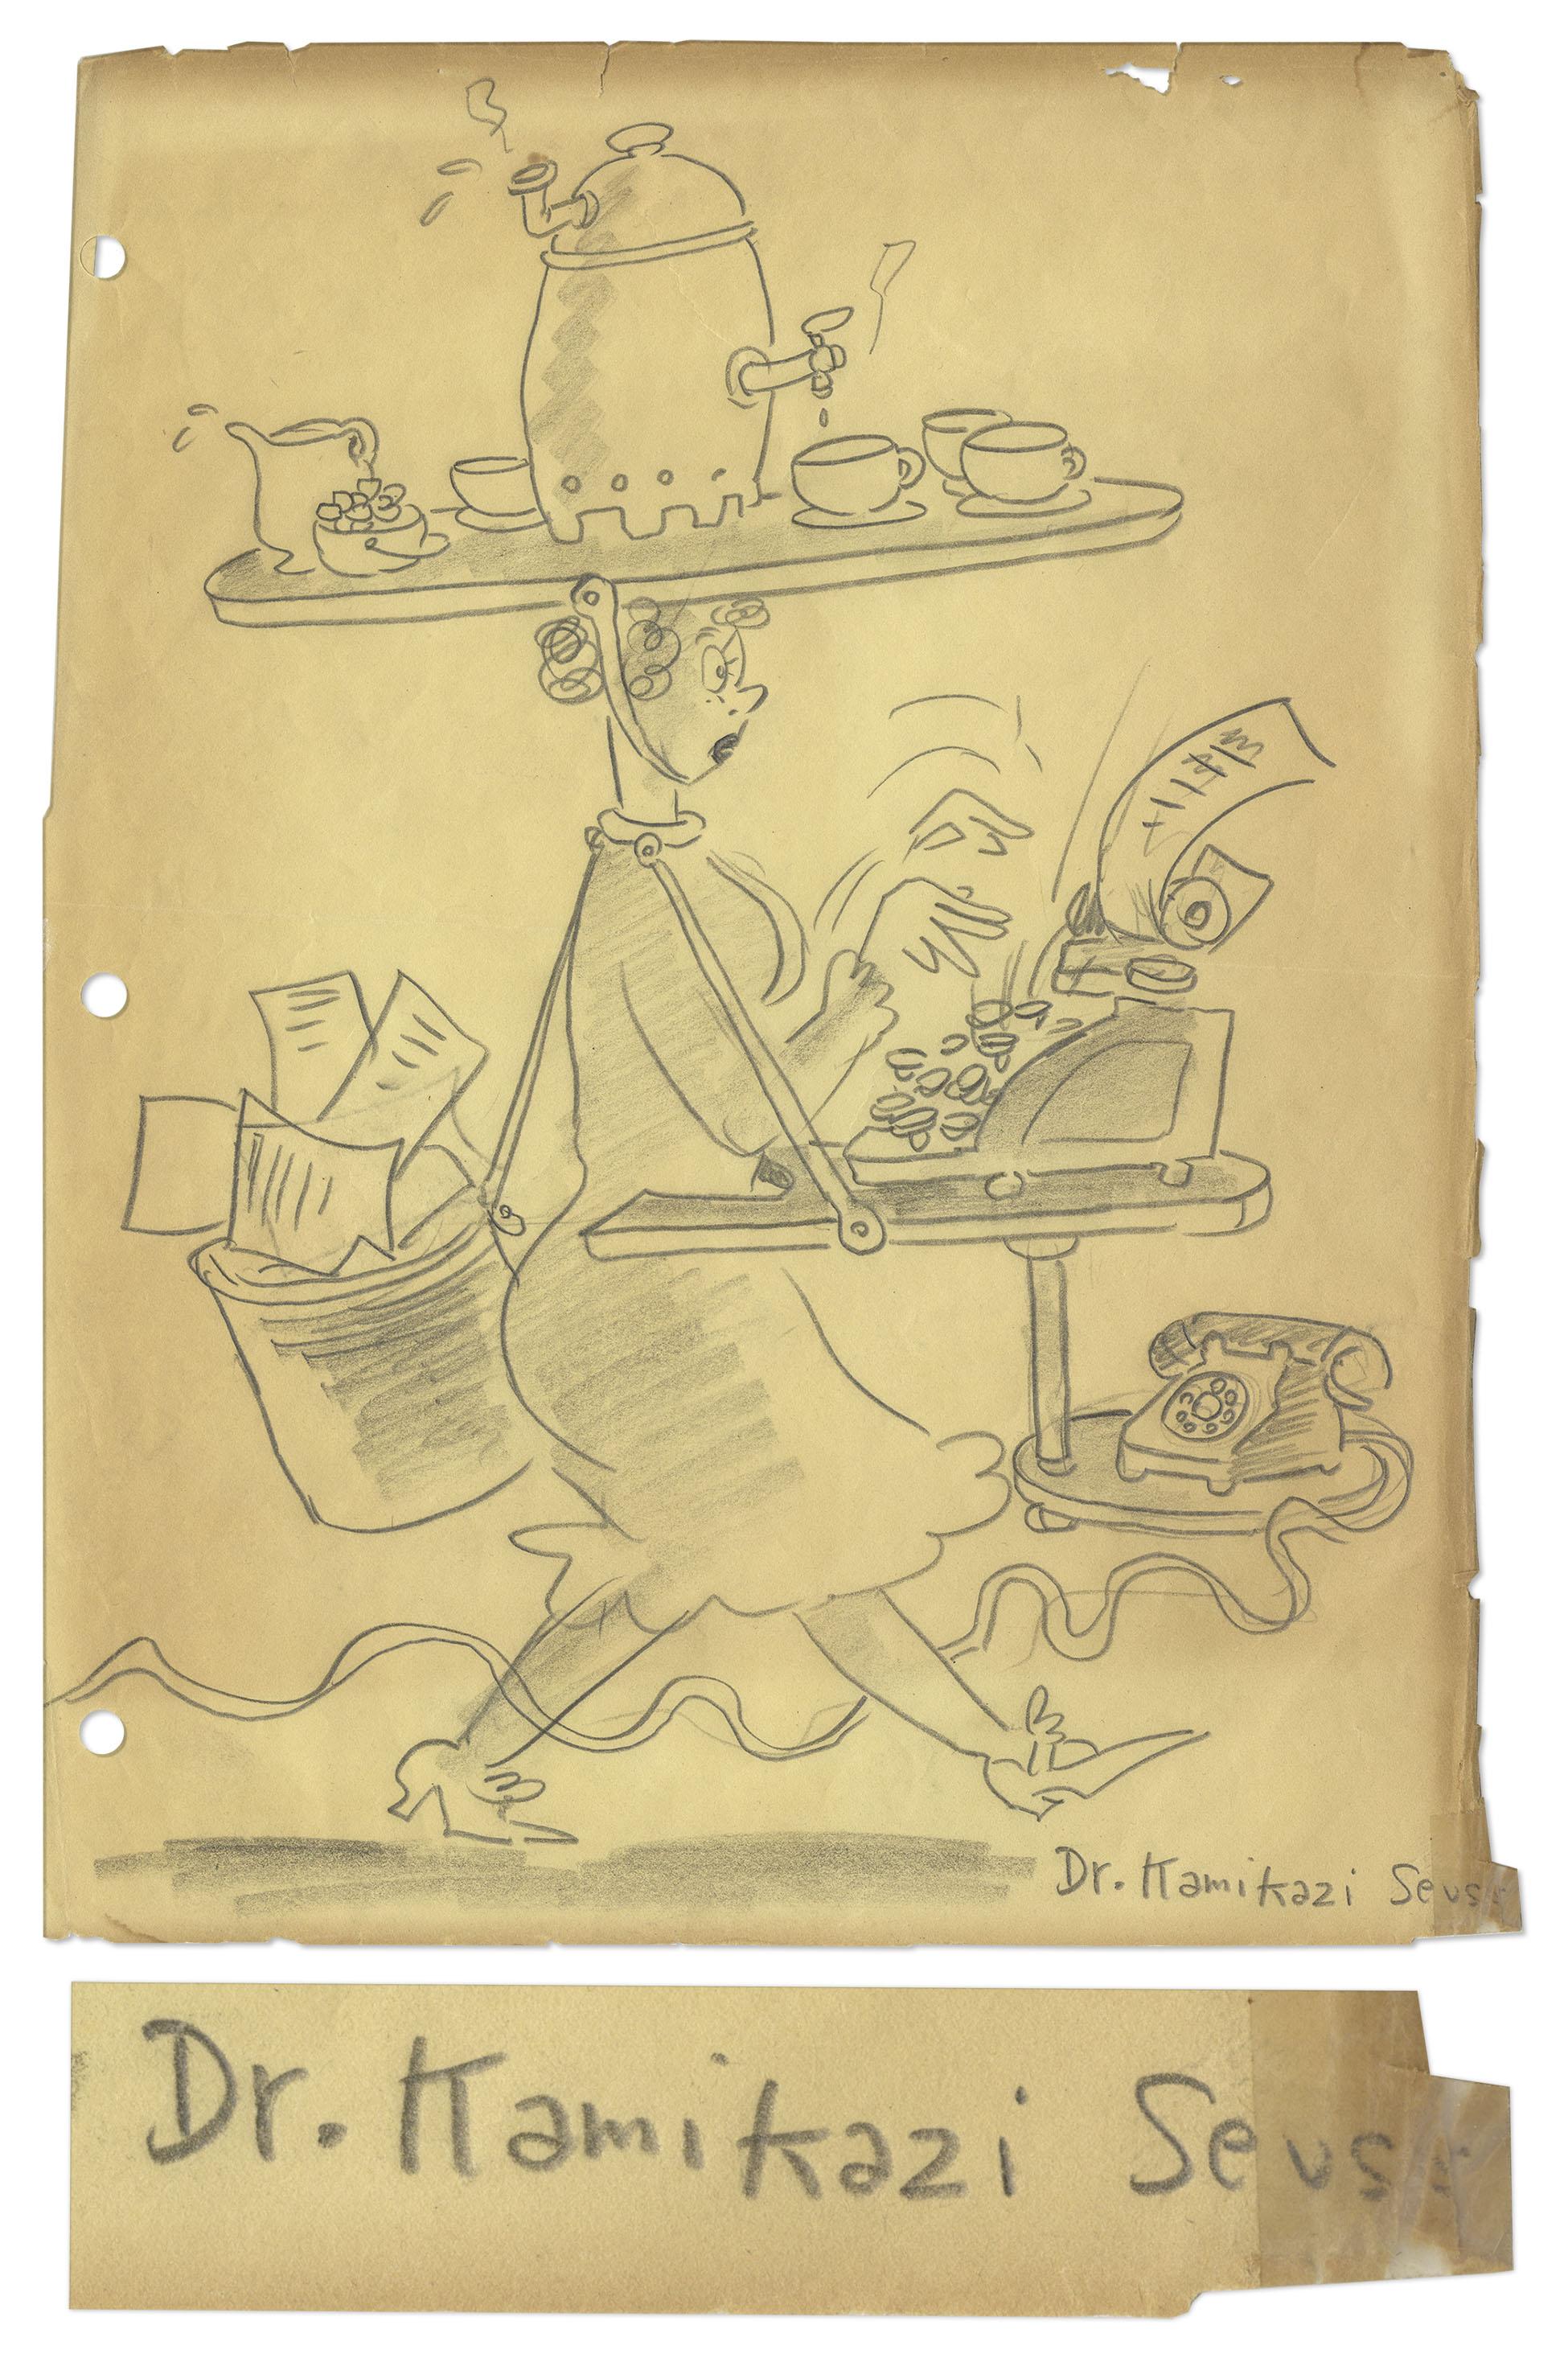 Dr. Seuss Autograph Dr. Seuss Pencil Drawing -- Signed ''Dr. Kamikazi Seuss''